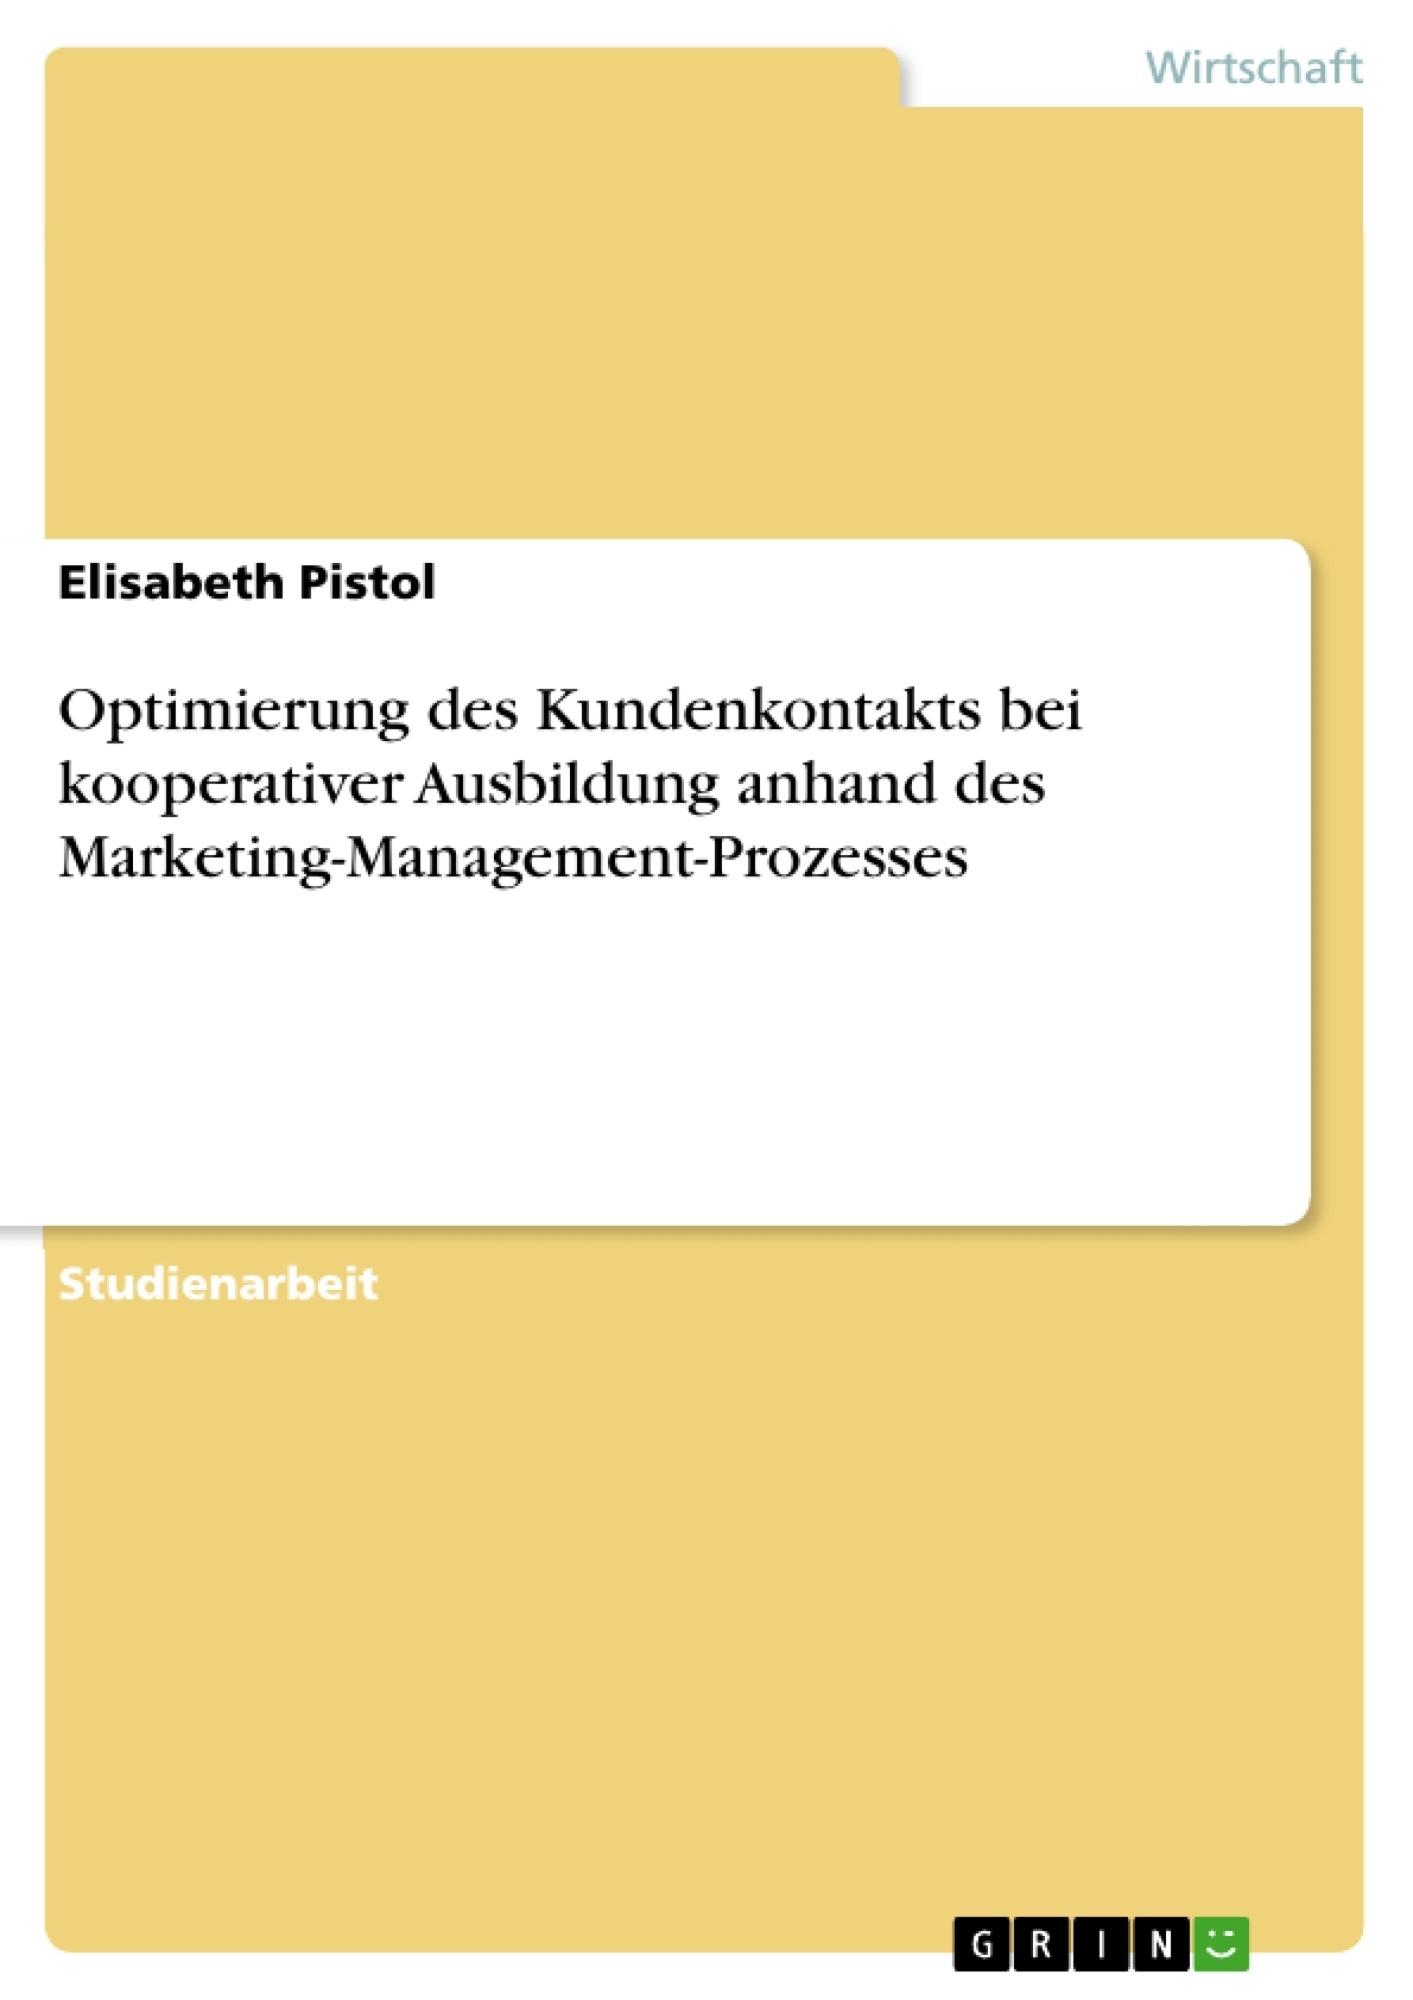 Titel: Optimierung des Kundenkontakts bei kooperativer Ausbildung anhand des Marketing-Management-Prozesses